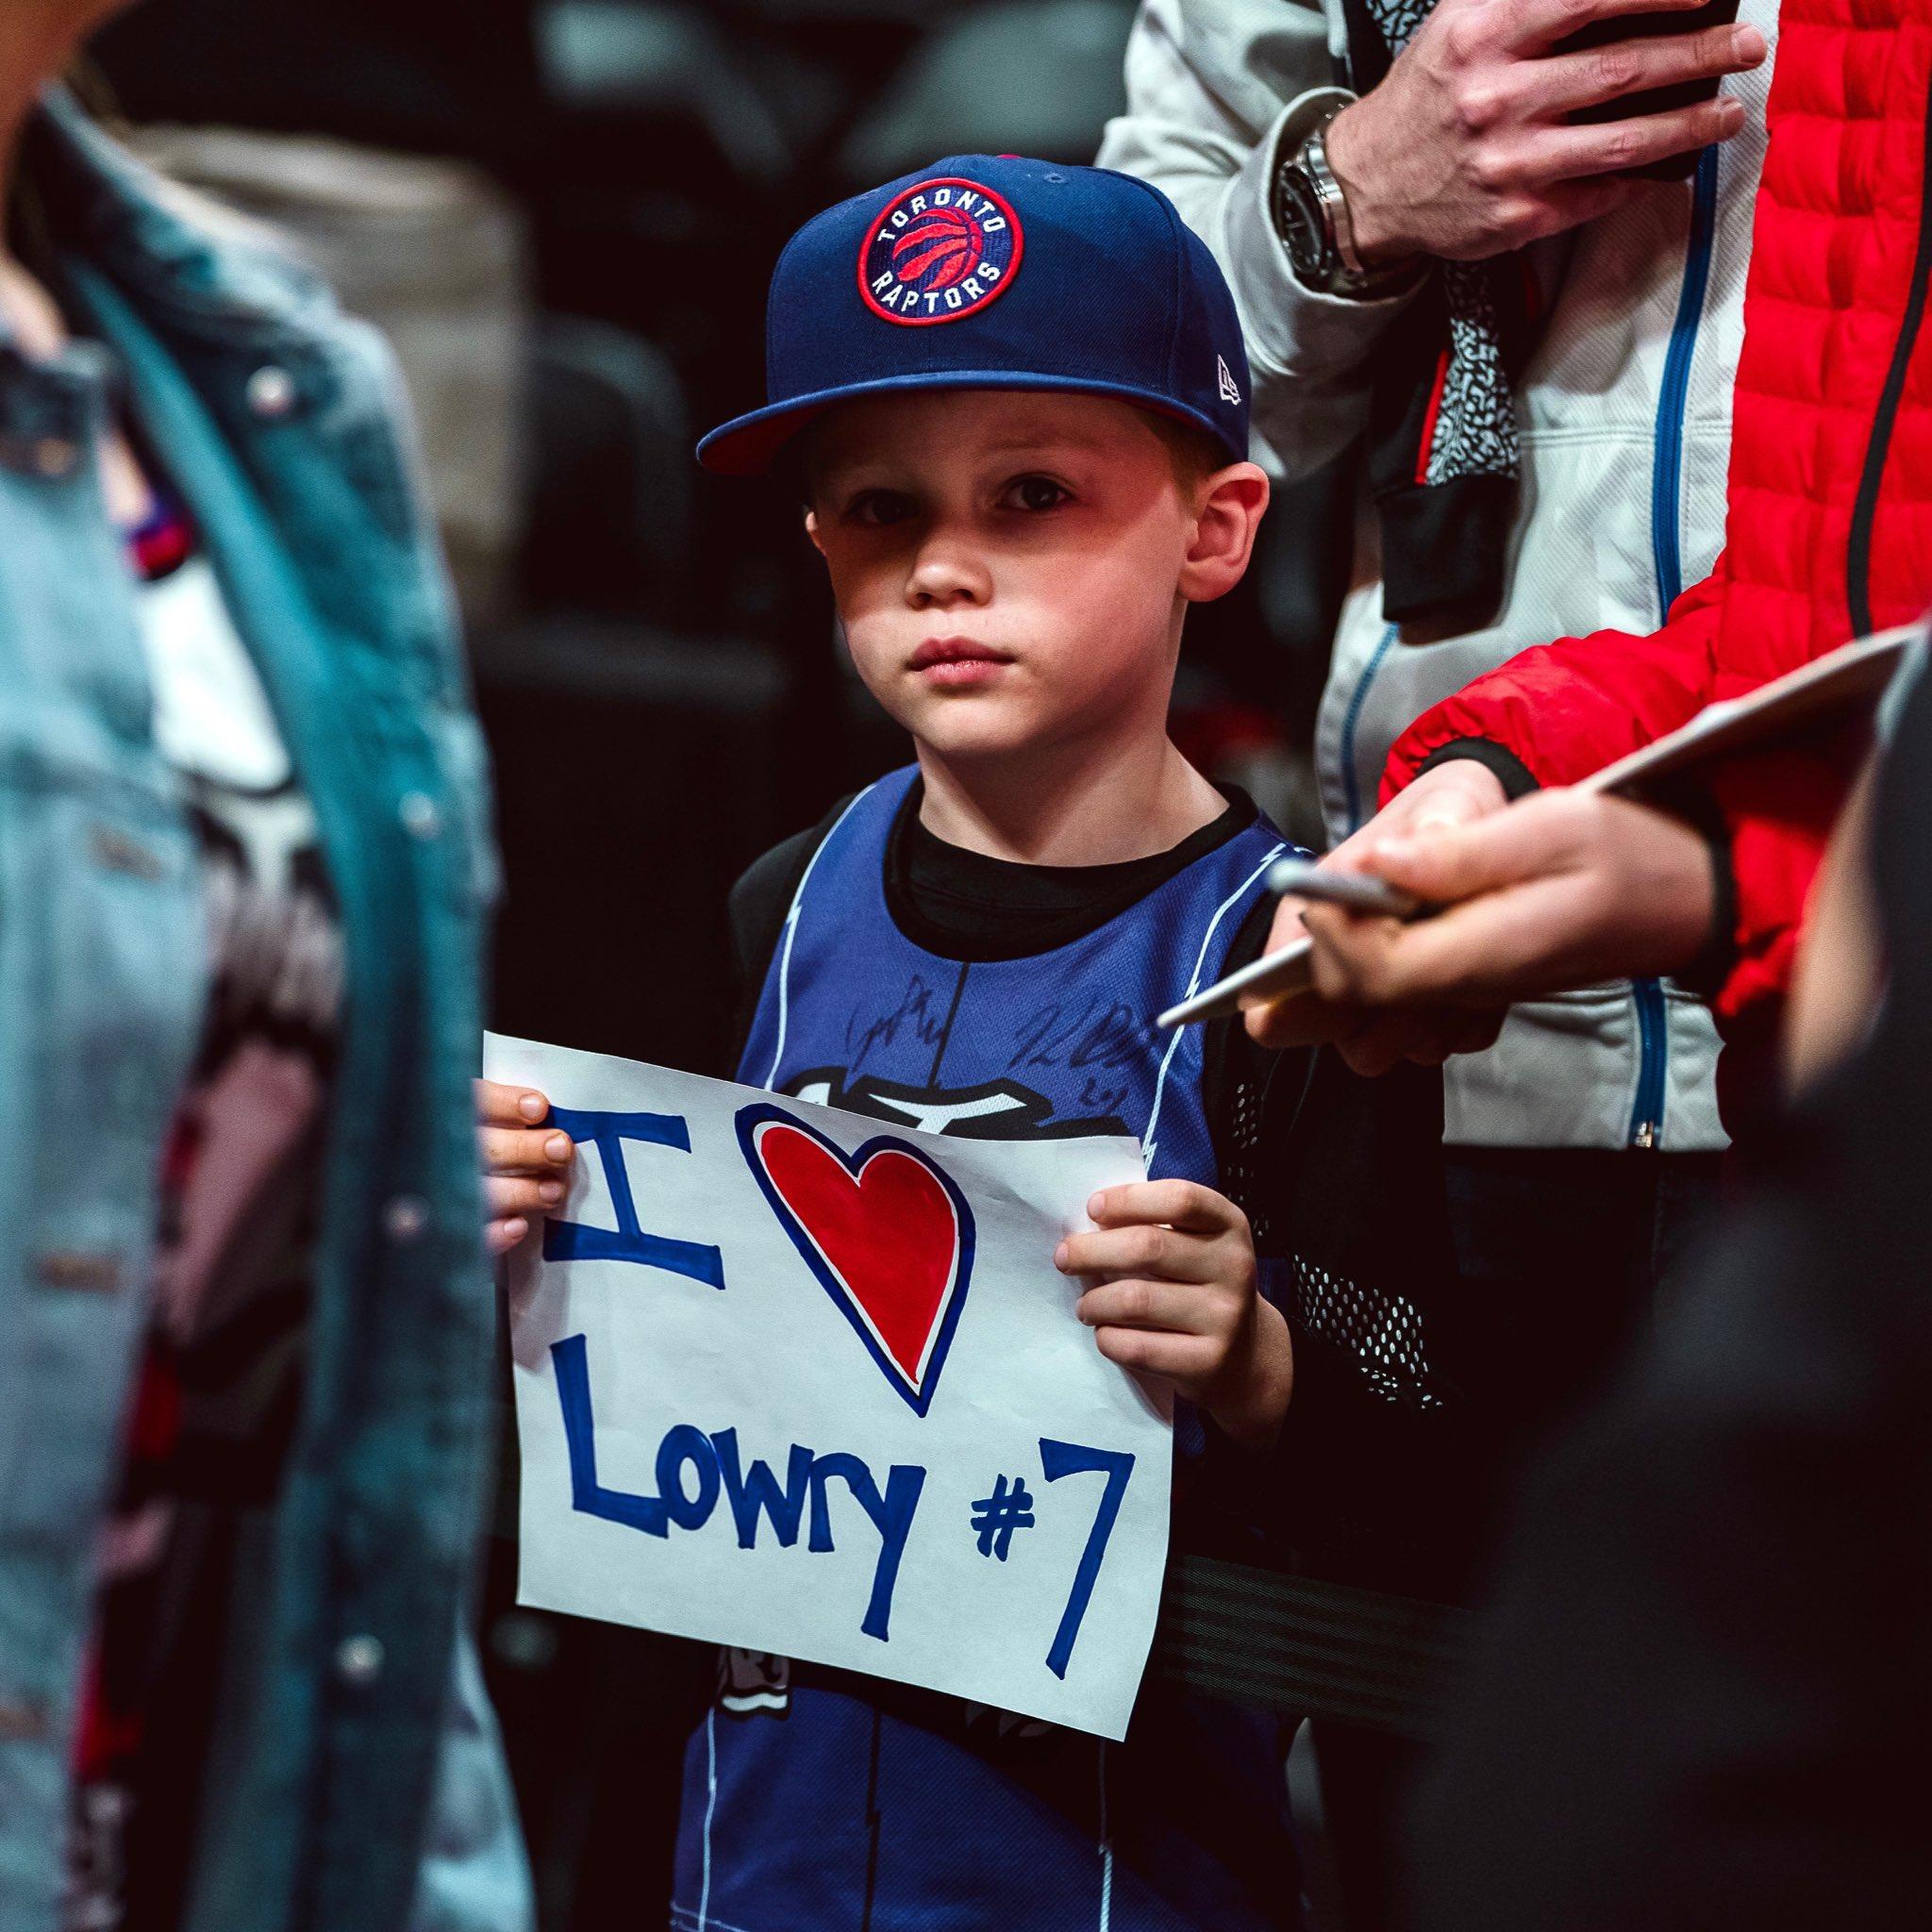 猛龙官推晒出场边洛瑞小球迷照片:我们与你一样喜爱洛瑞